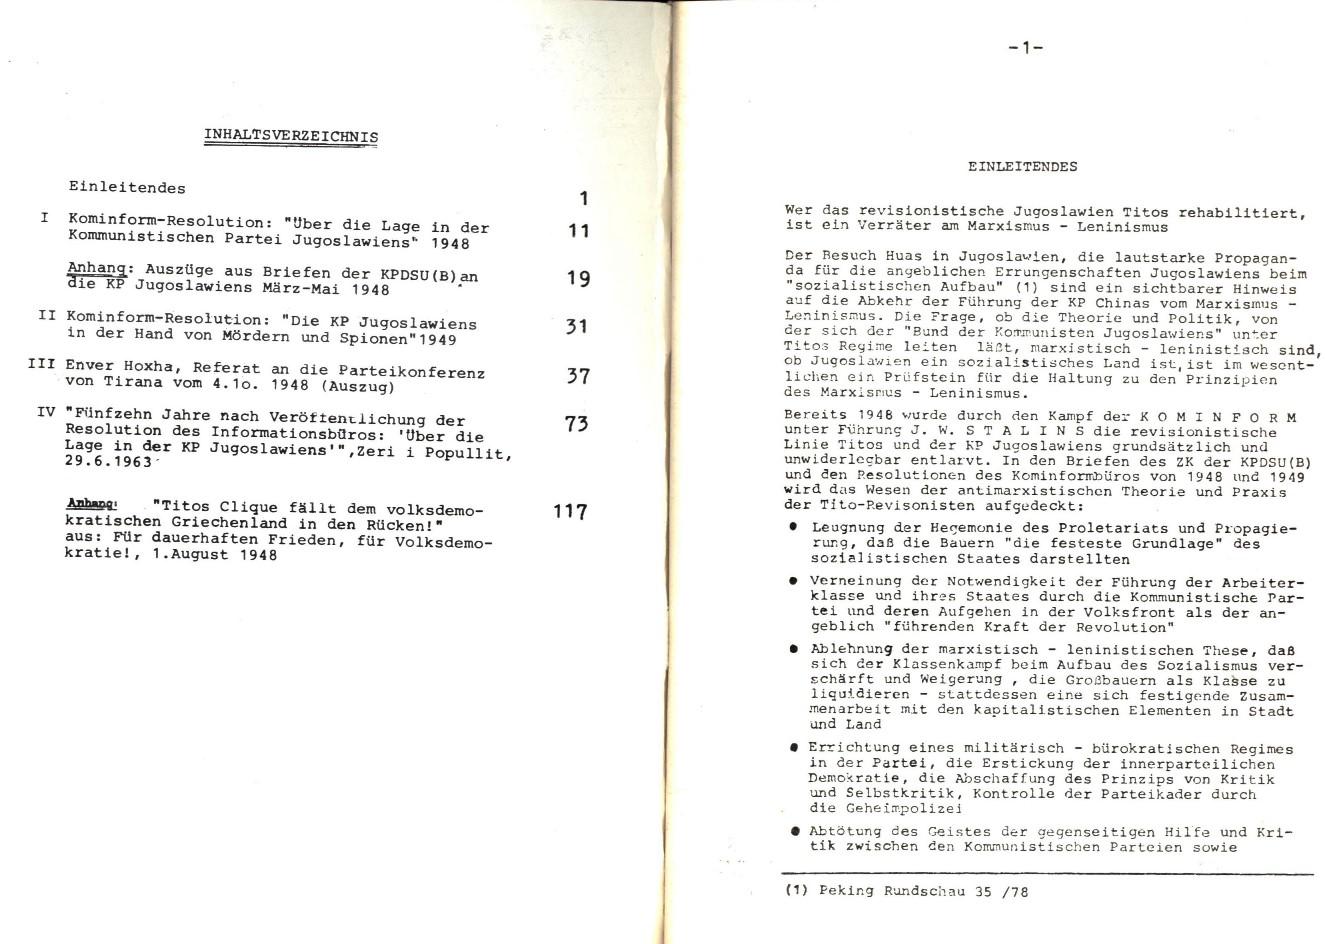 MLSK_Theorie_und_Praxis_des_ML_1979_24_02